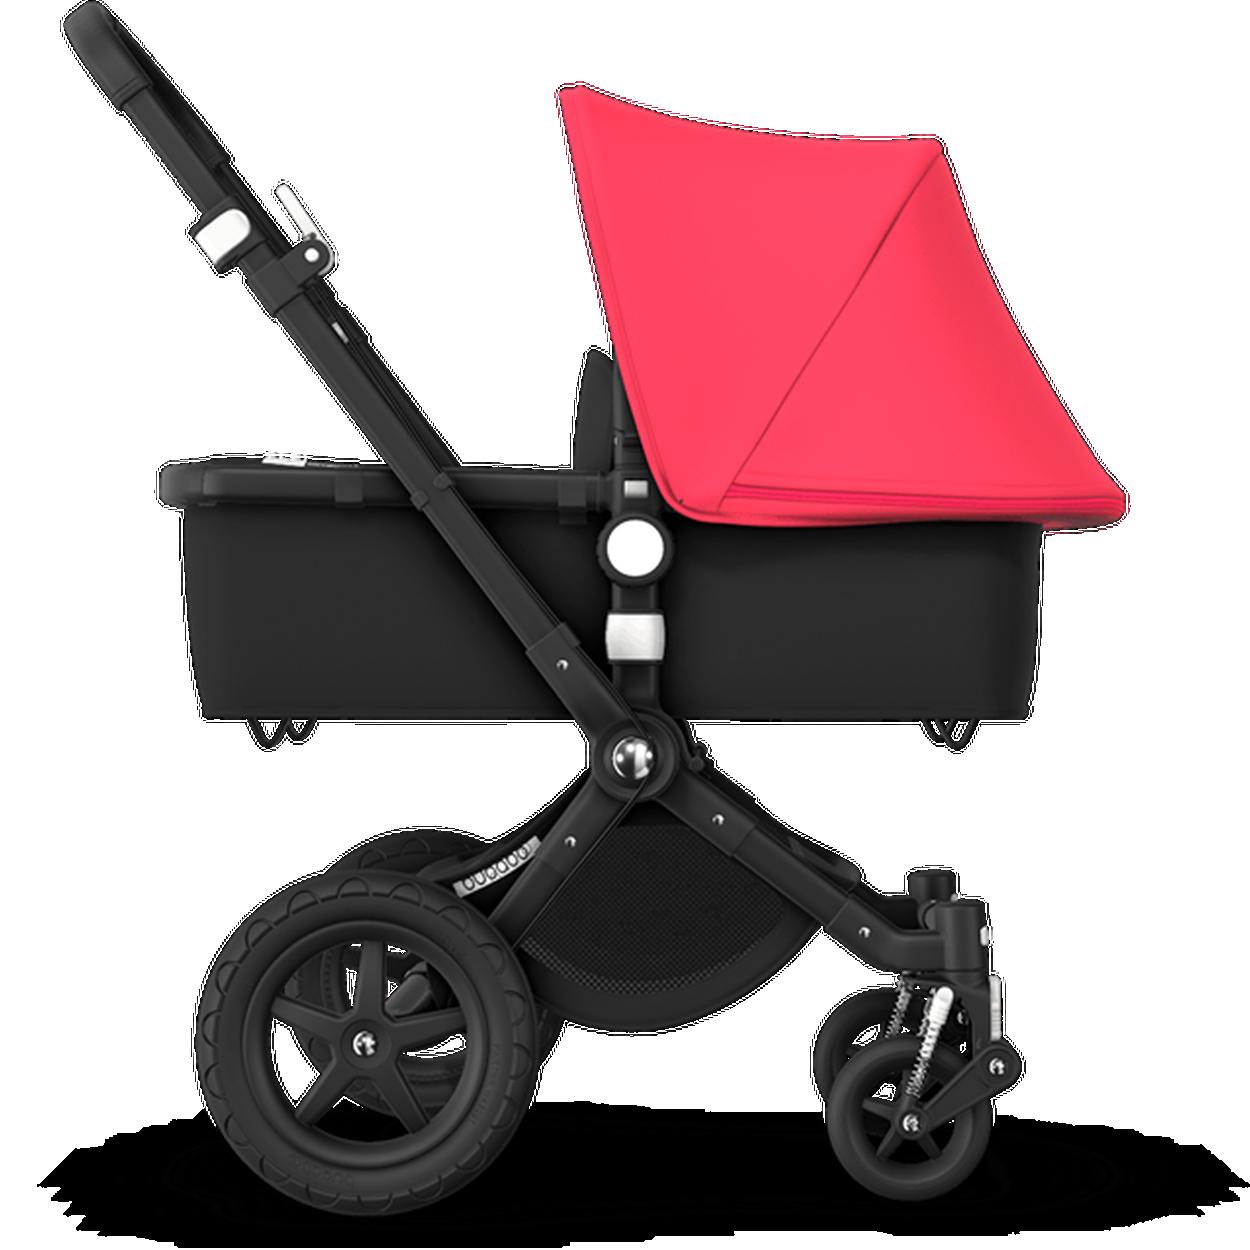 Bugaboo Cameleon 3 Plus | Infant stroller